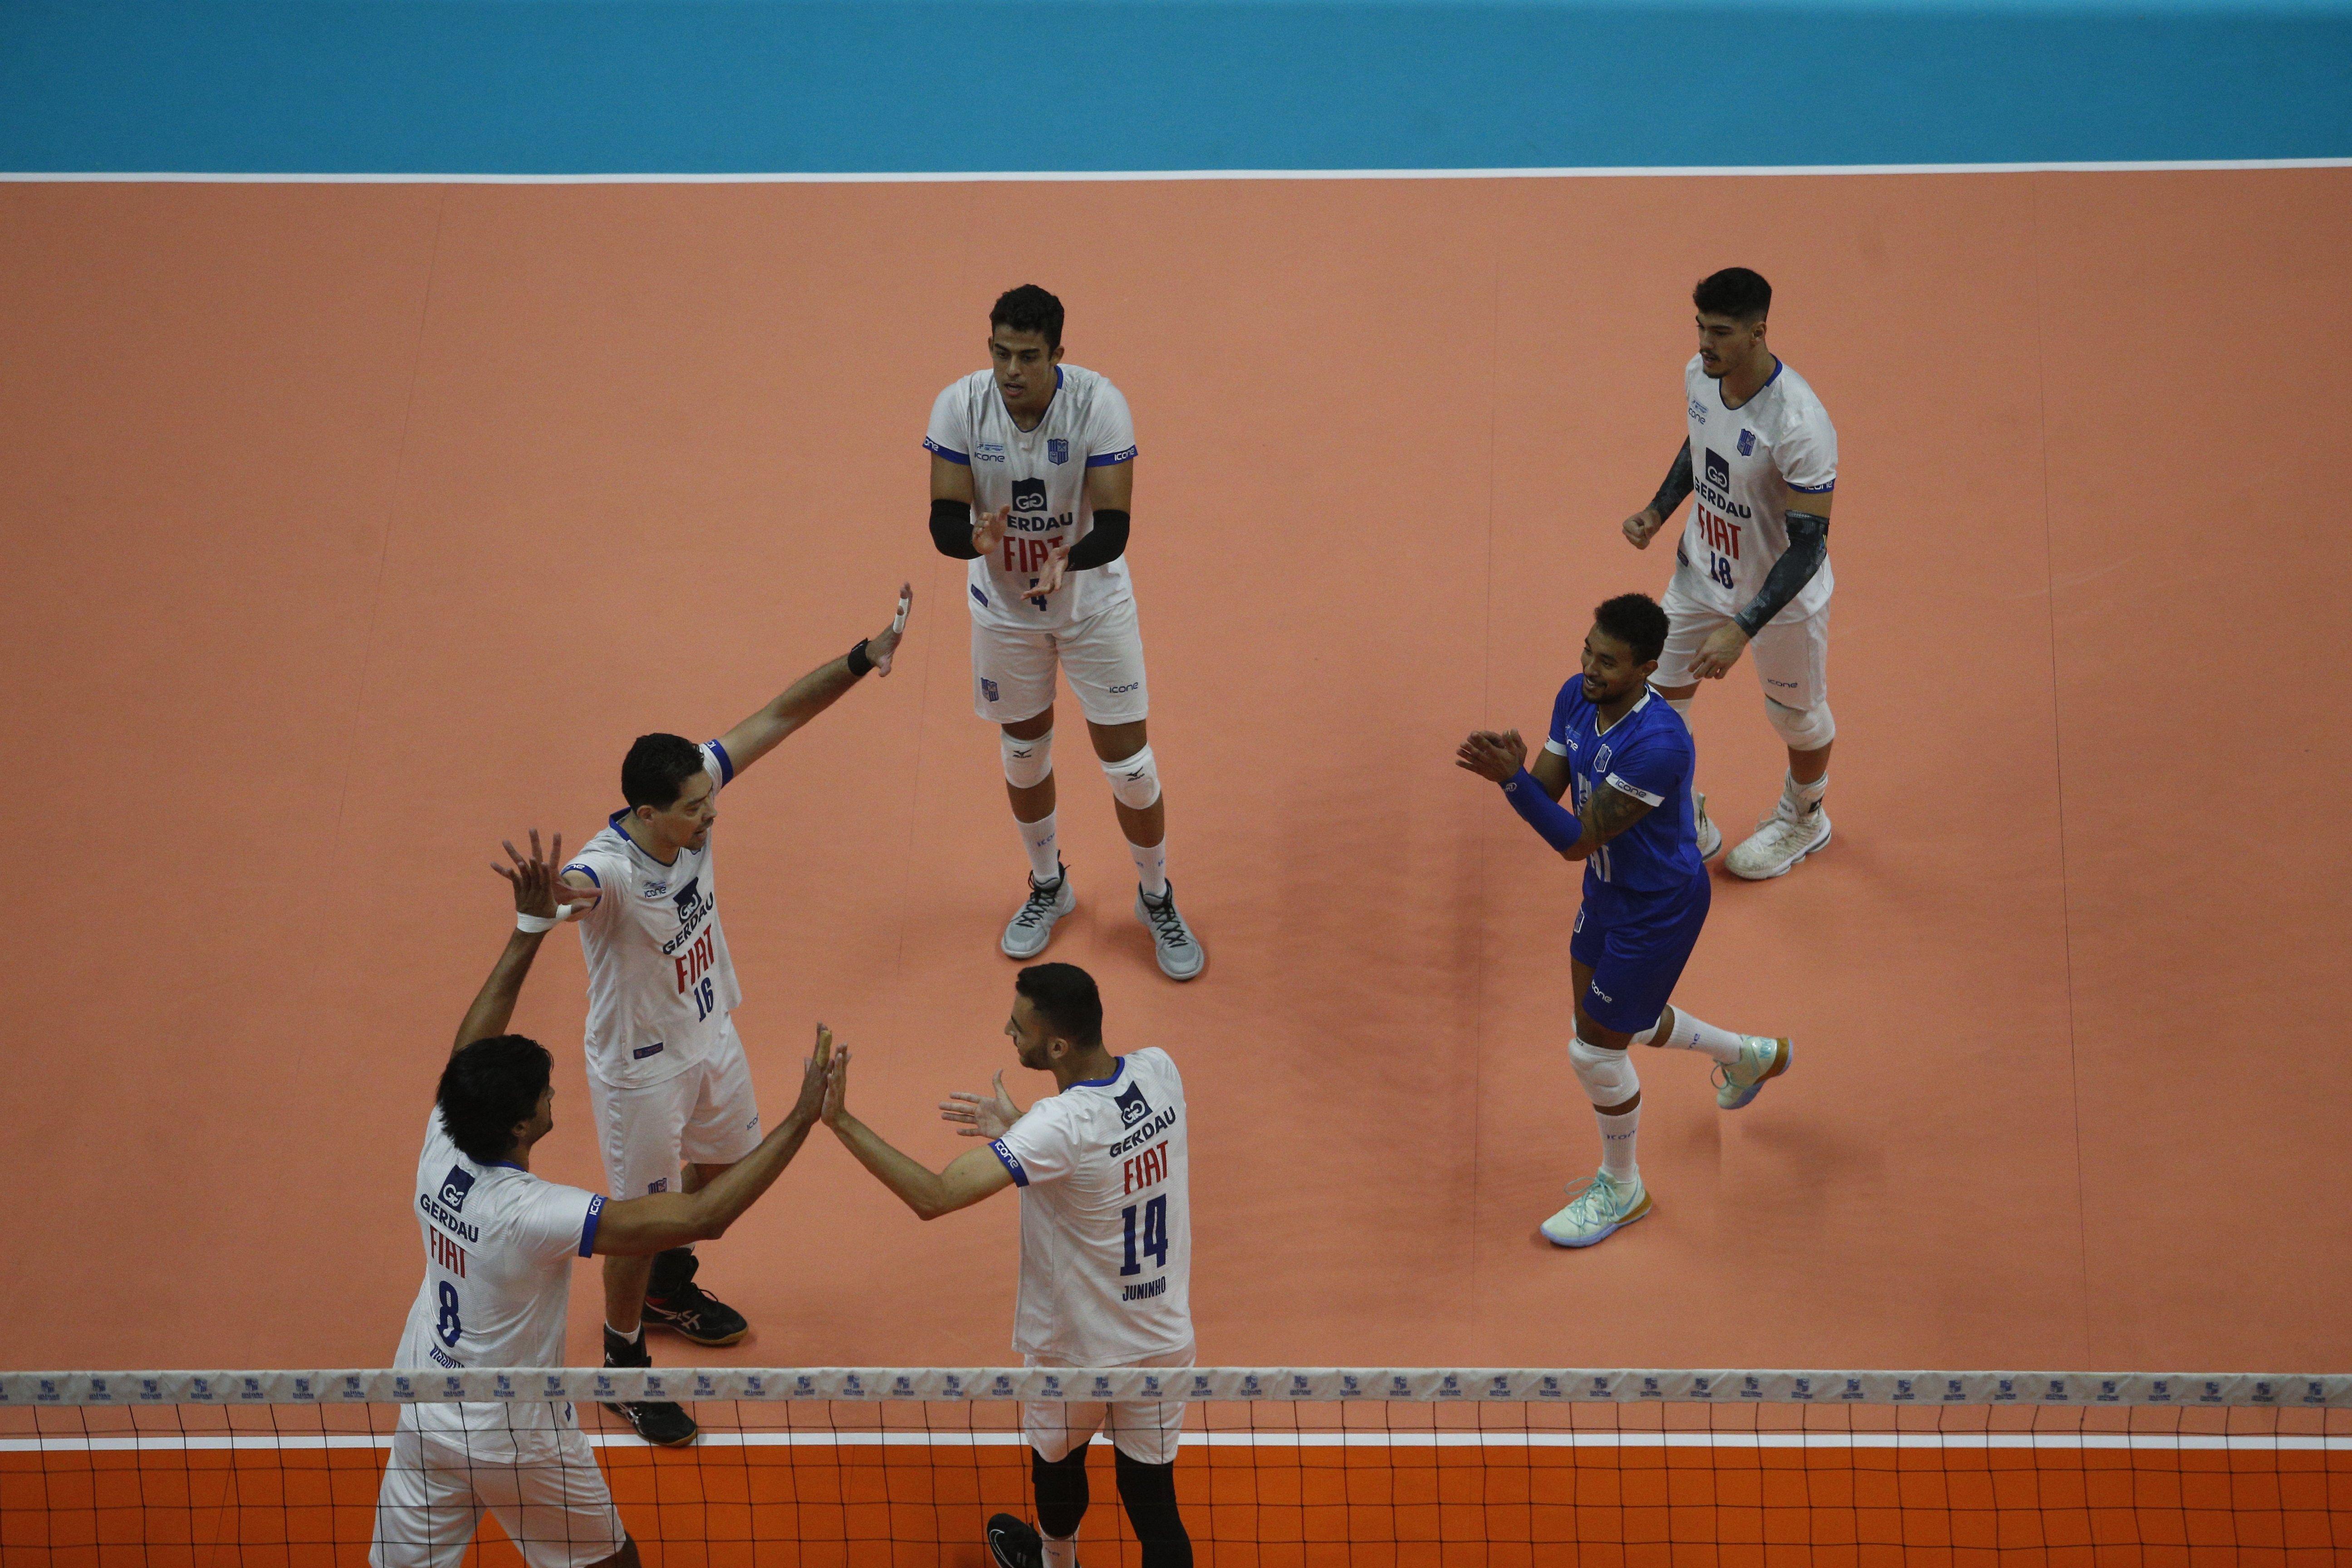 Paredão Azul abre semifinal diante do MOC América, no Ginásio do Riacho (Foto: Orlando Bento/MTC)